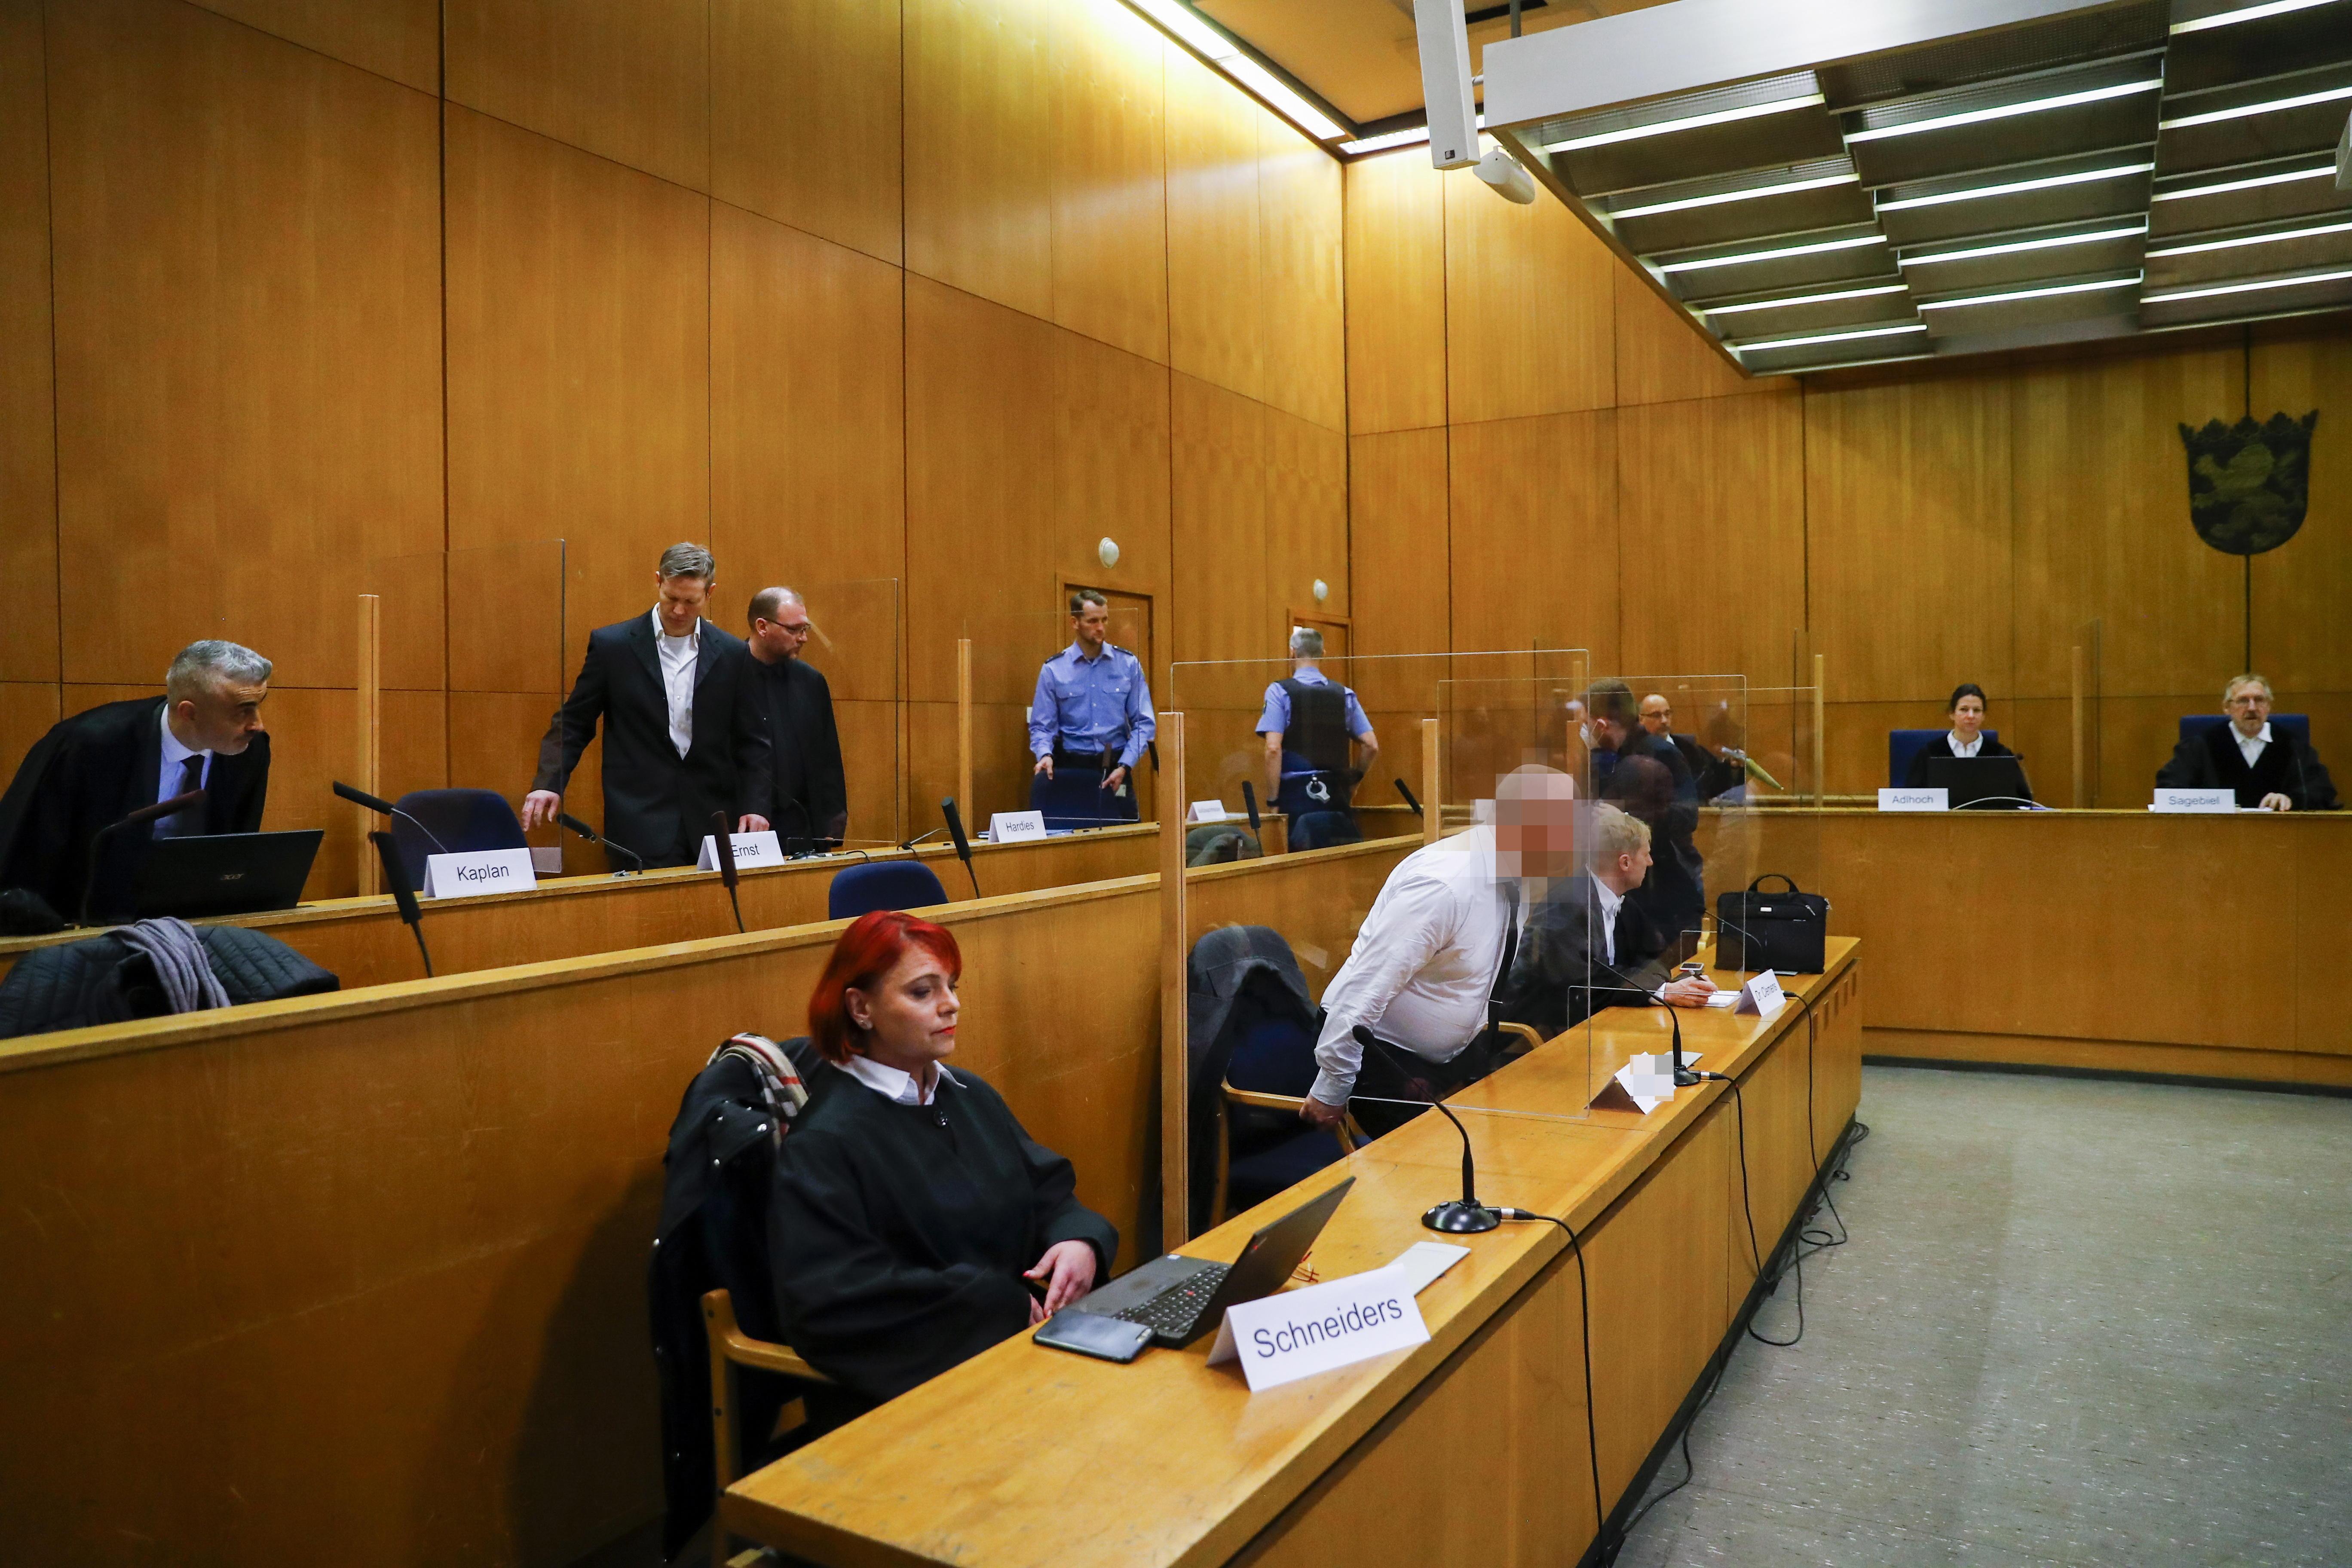 استفان ارنست این پنجشنبه به جرم قتل والتر ال در محاکمه است.